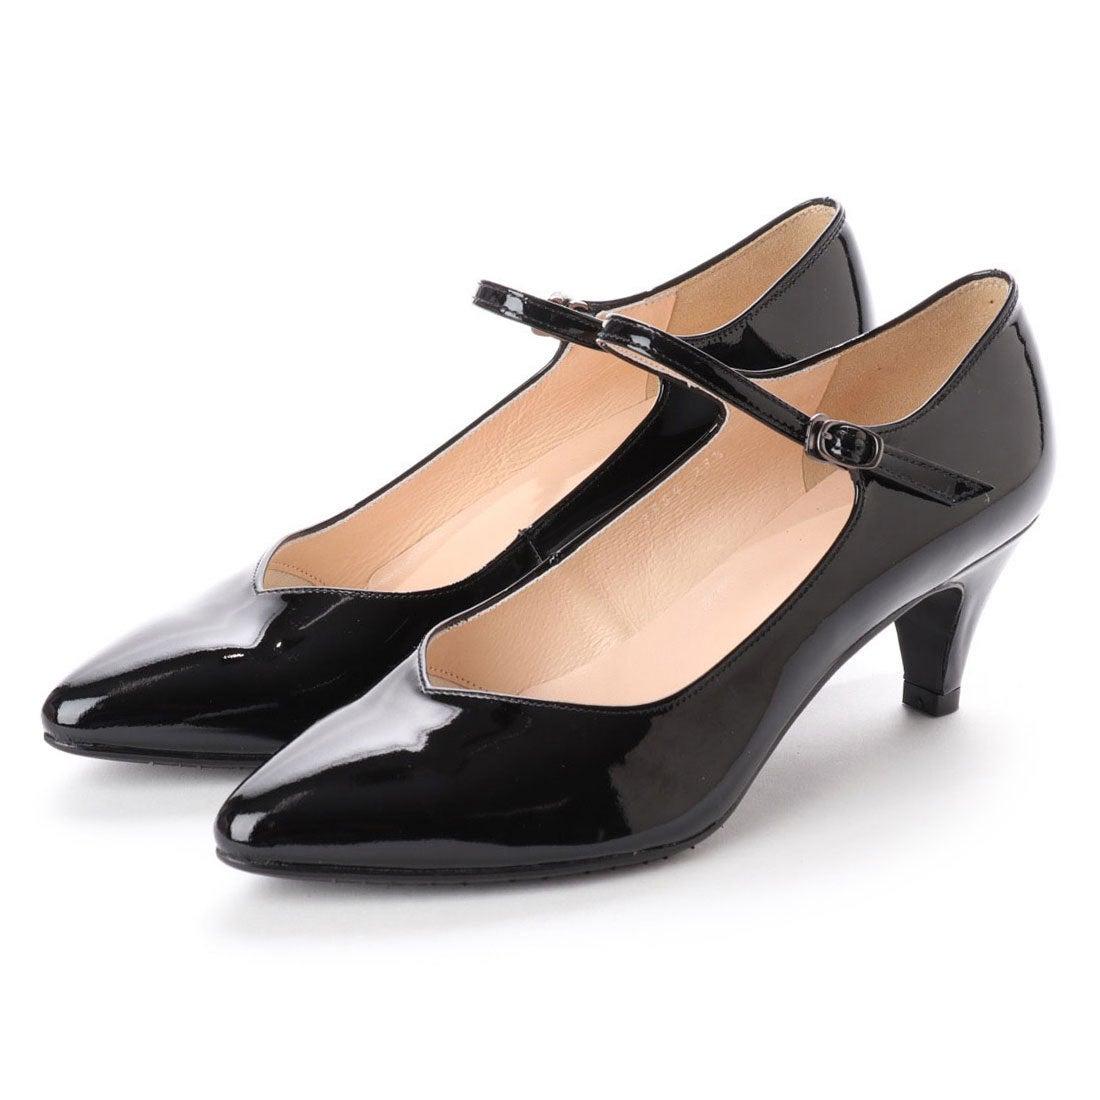 ロコンド 靴とファッションの通販サイトフラッグFLAGサラサラ撥水ストラップパンプス(BL/E)